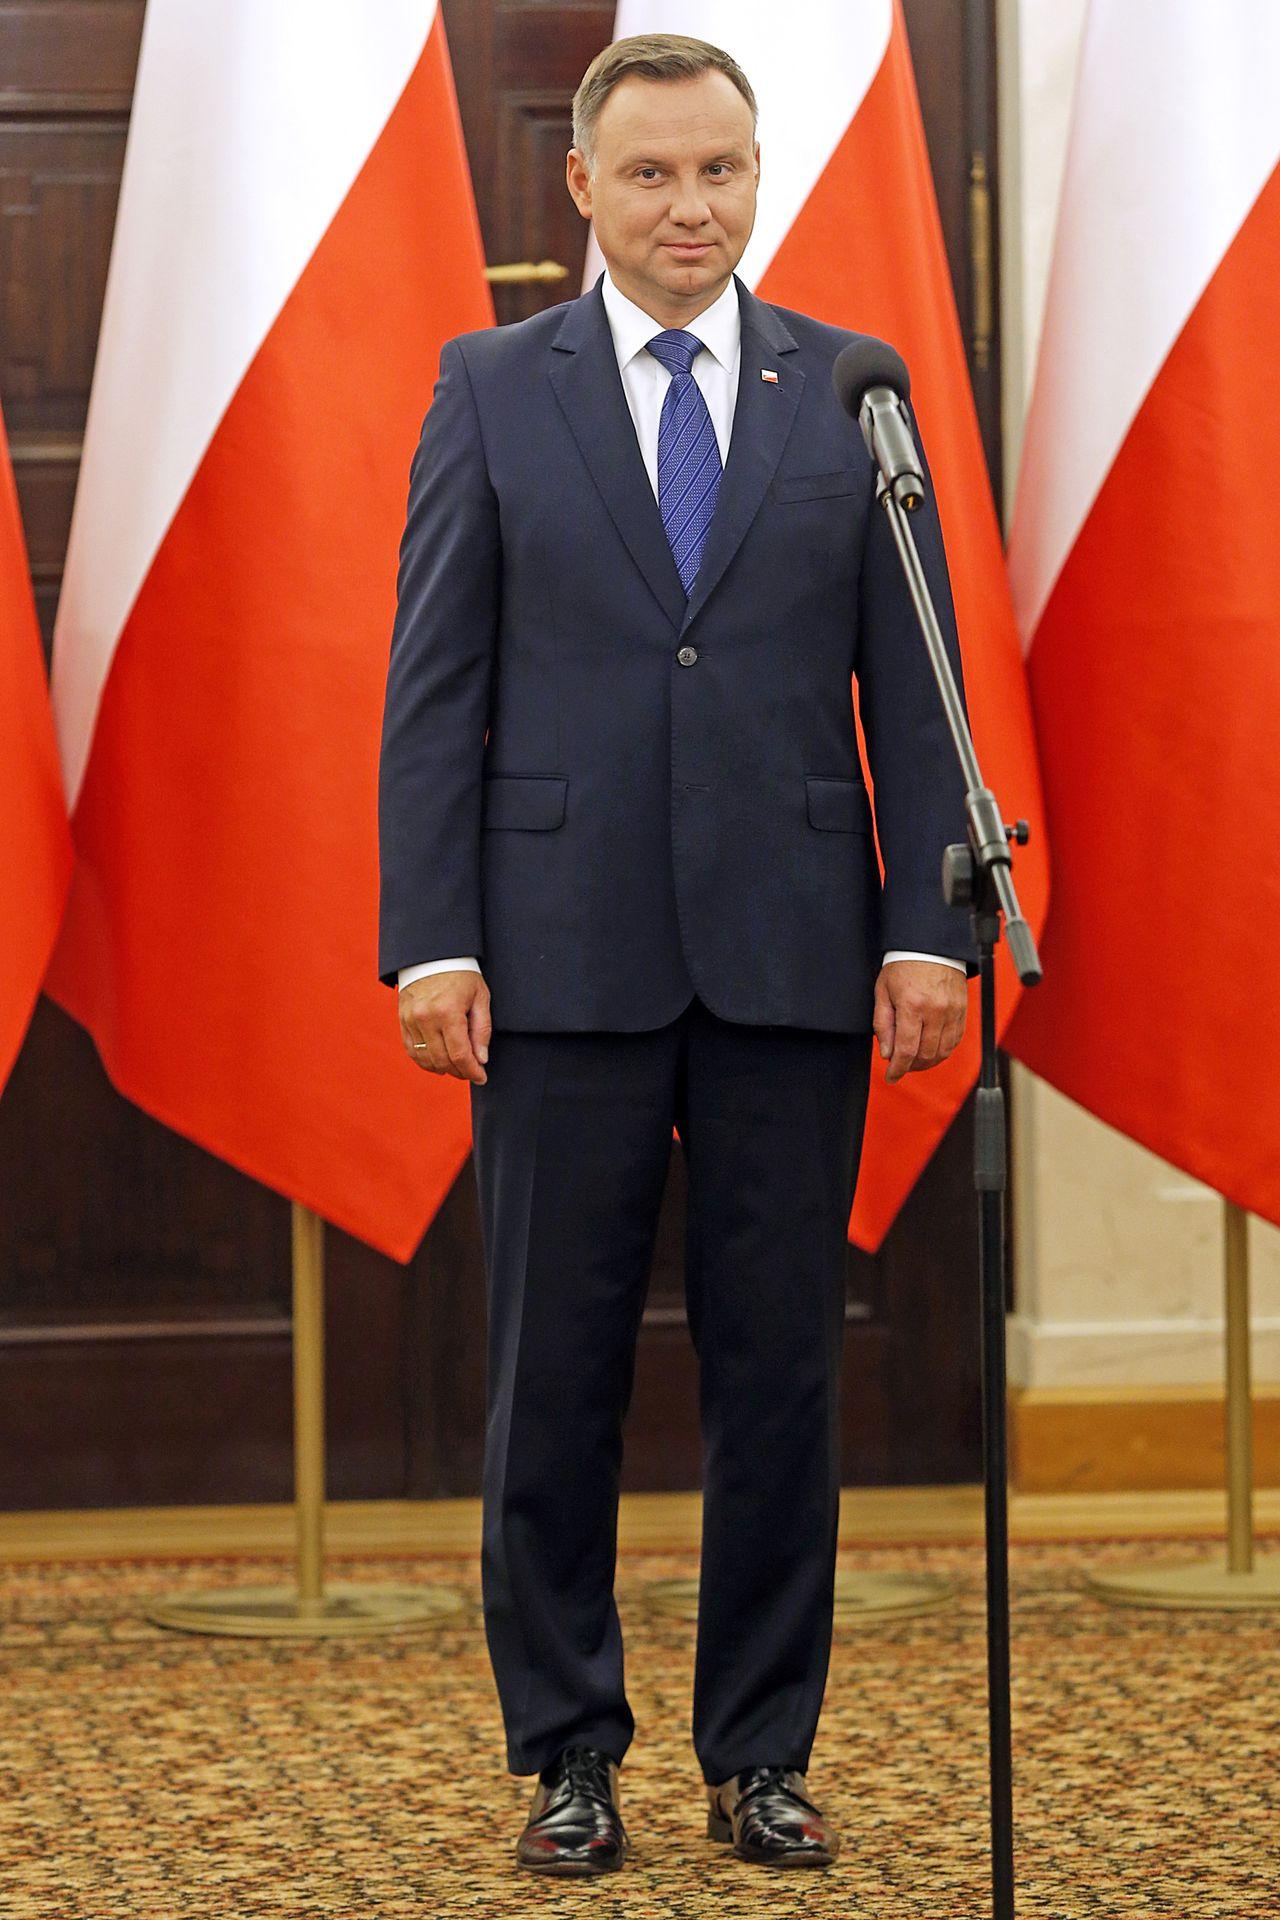 Andrzej Duda, Spotkanie Prezydenta RP z medalistami 24. Mistrzostw Europy w Lekkoatletyce Berlin 2018